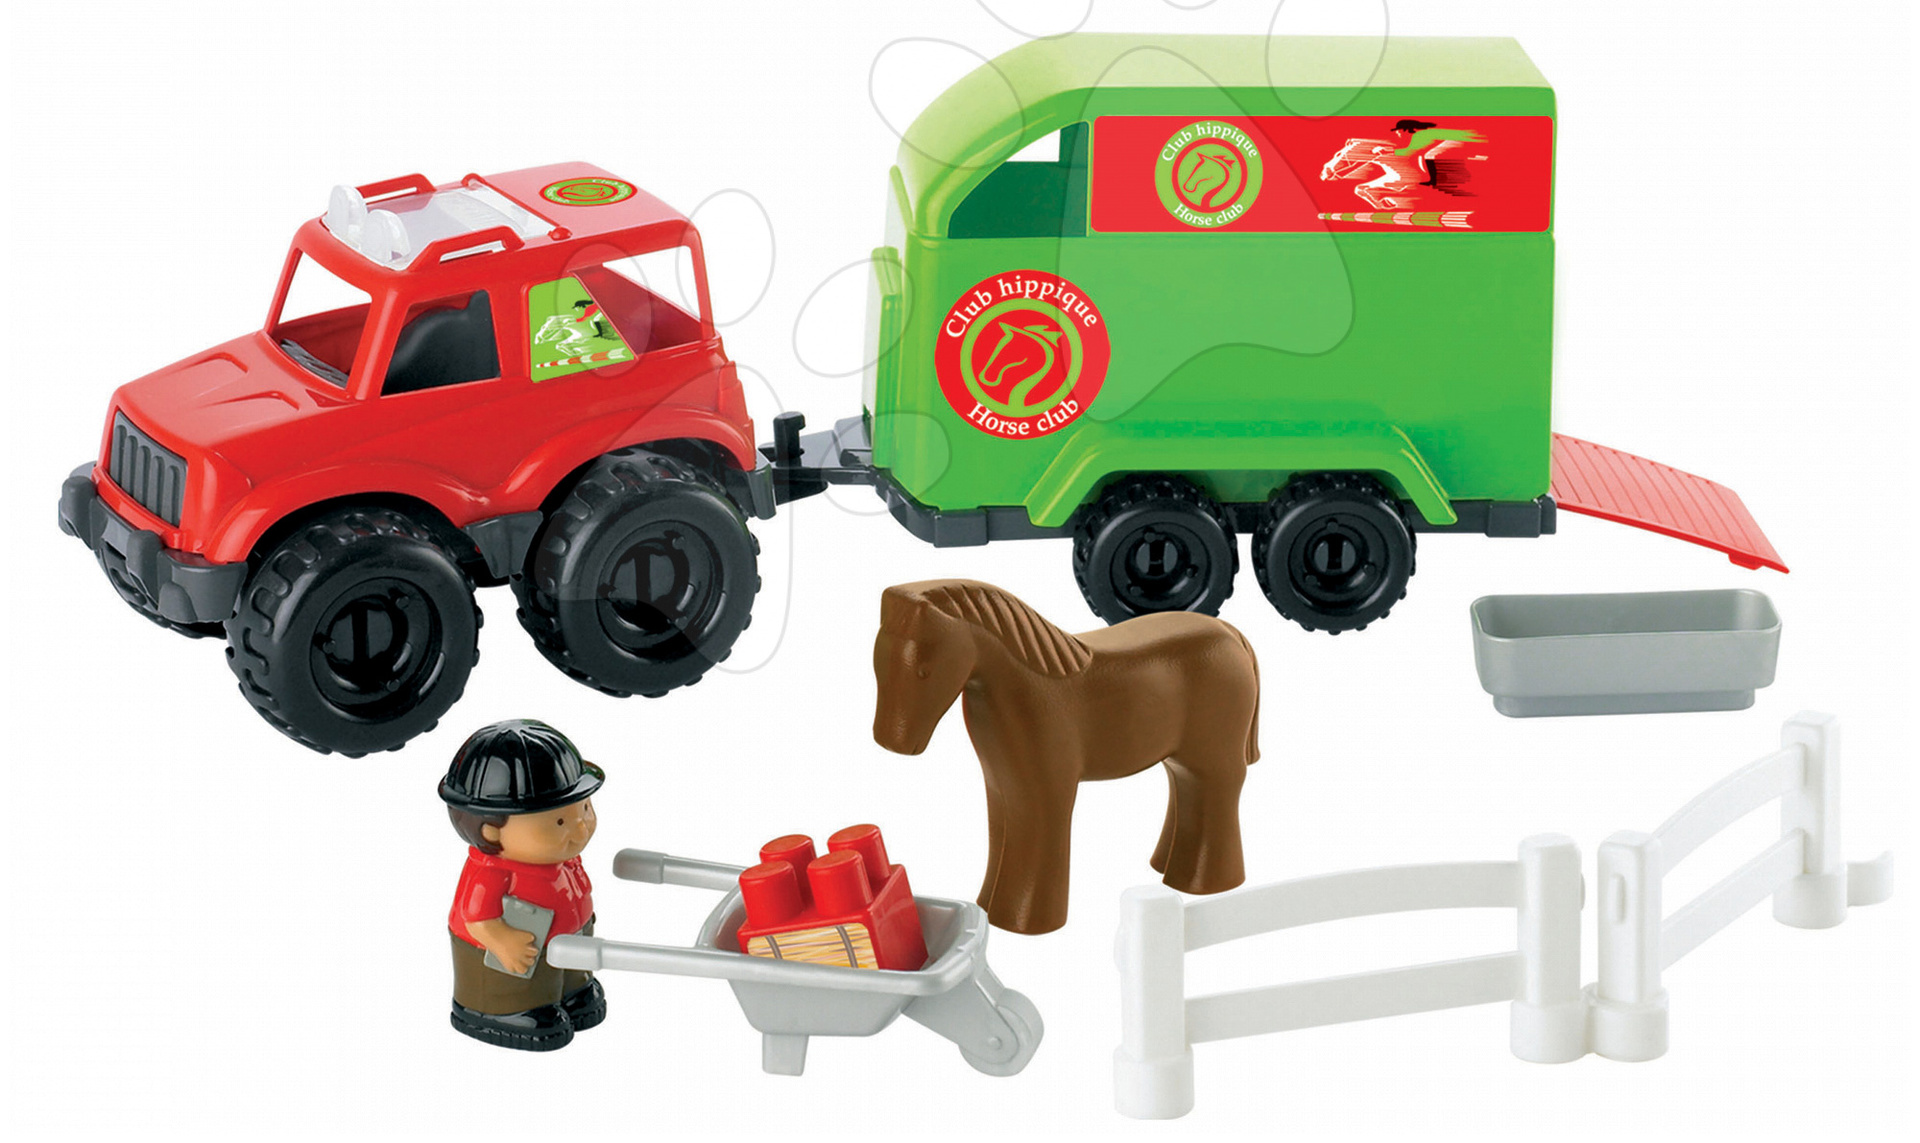 Stavebnice Abrick - auto s karavanem pro koníka Écoiffier 21 dílů od 18 měsíců